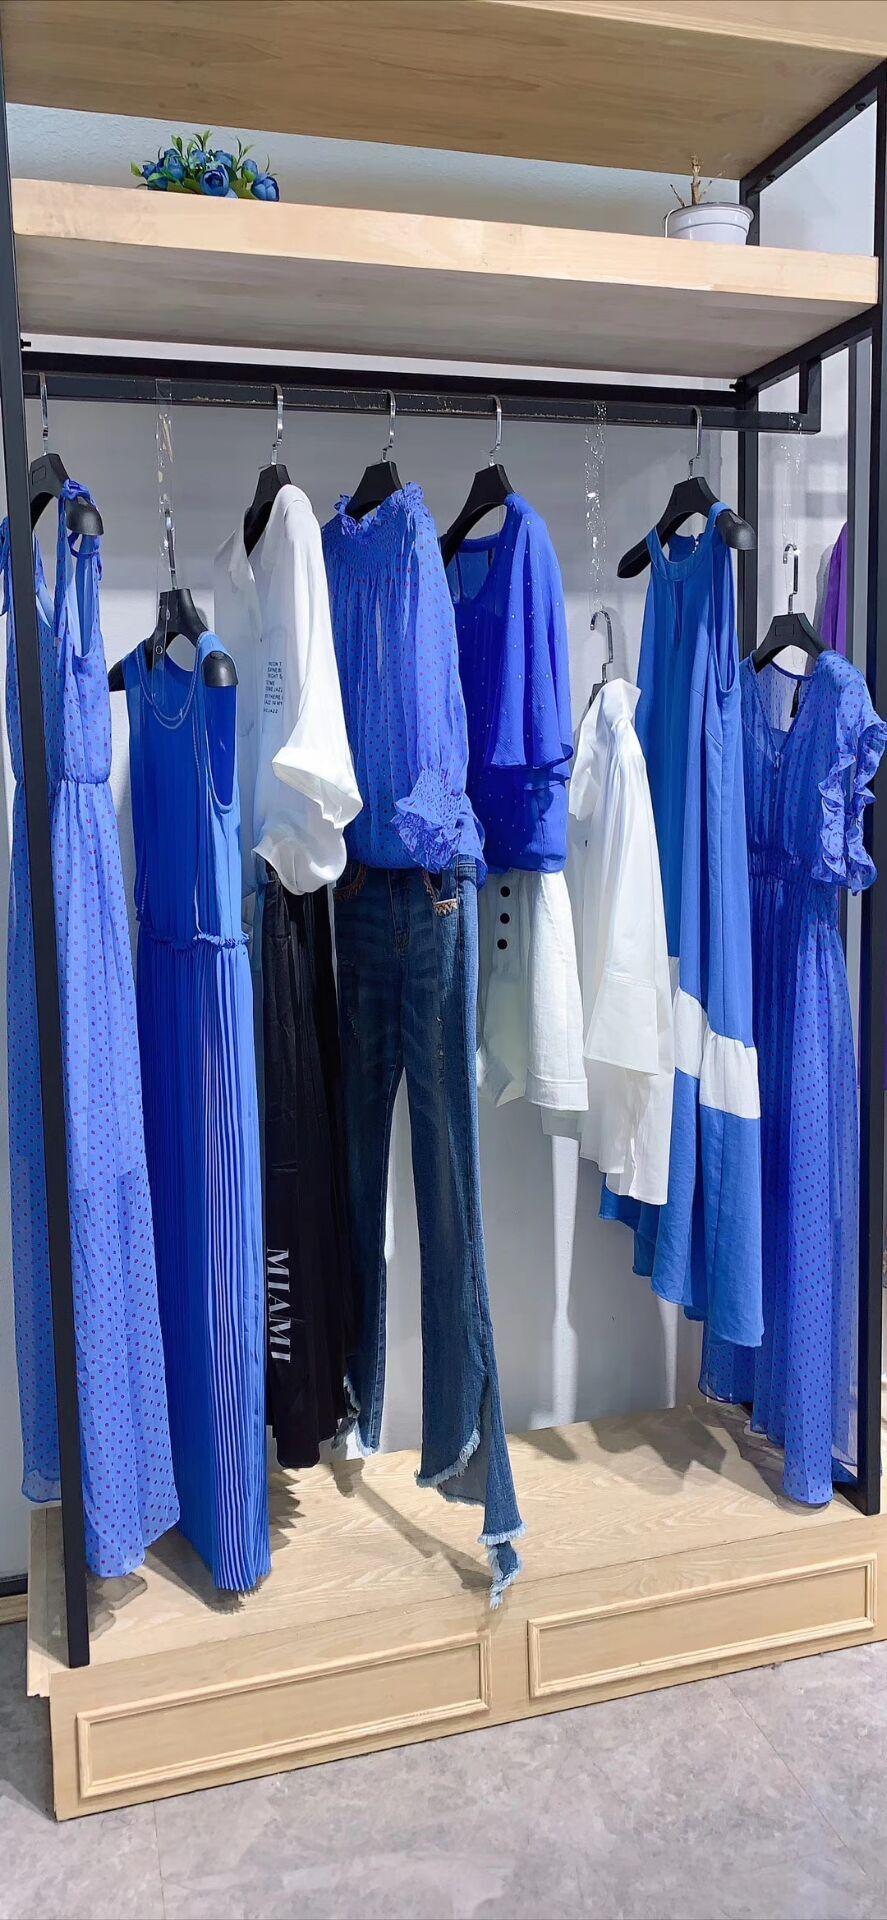 2020春夏女装百塔春季雪纺V领连衣裙 直播连衣裙女装一手货源拿货